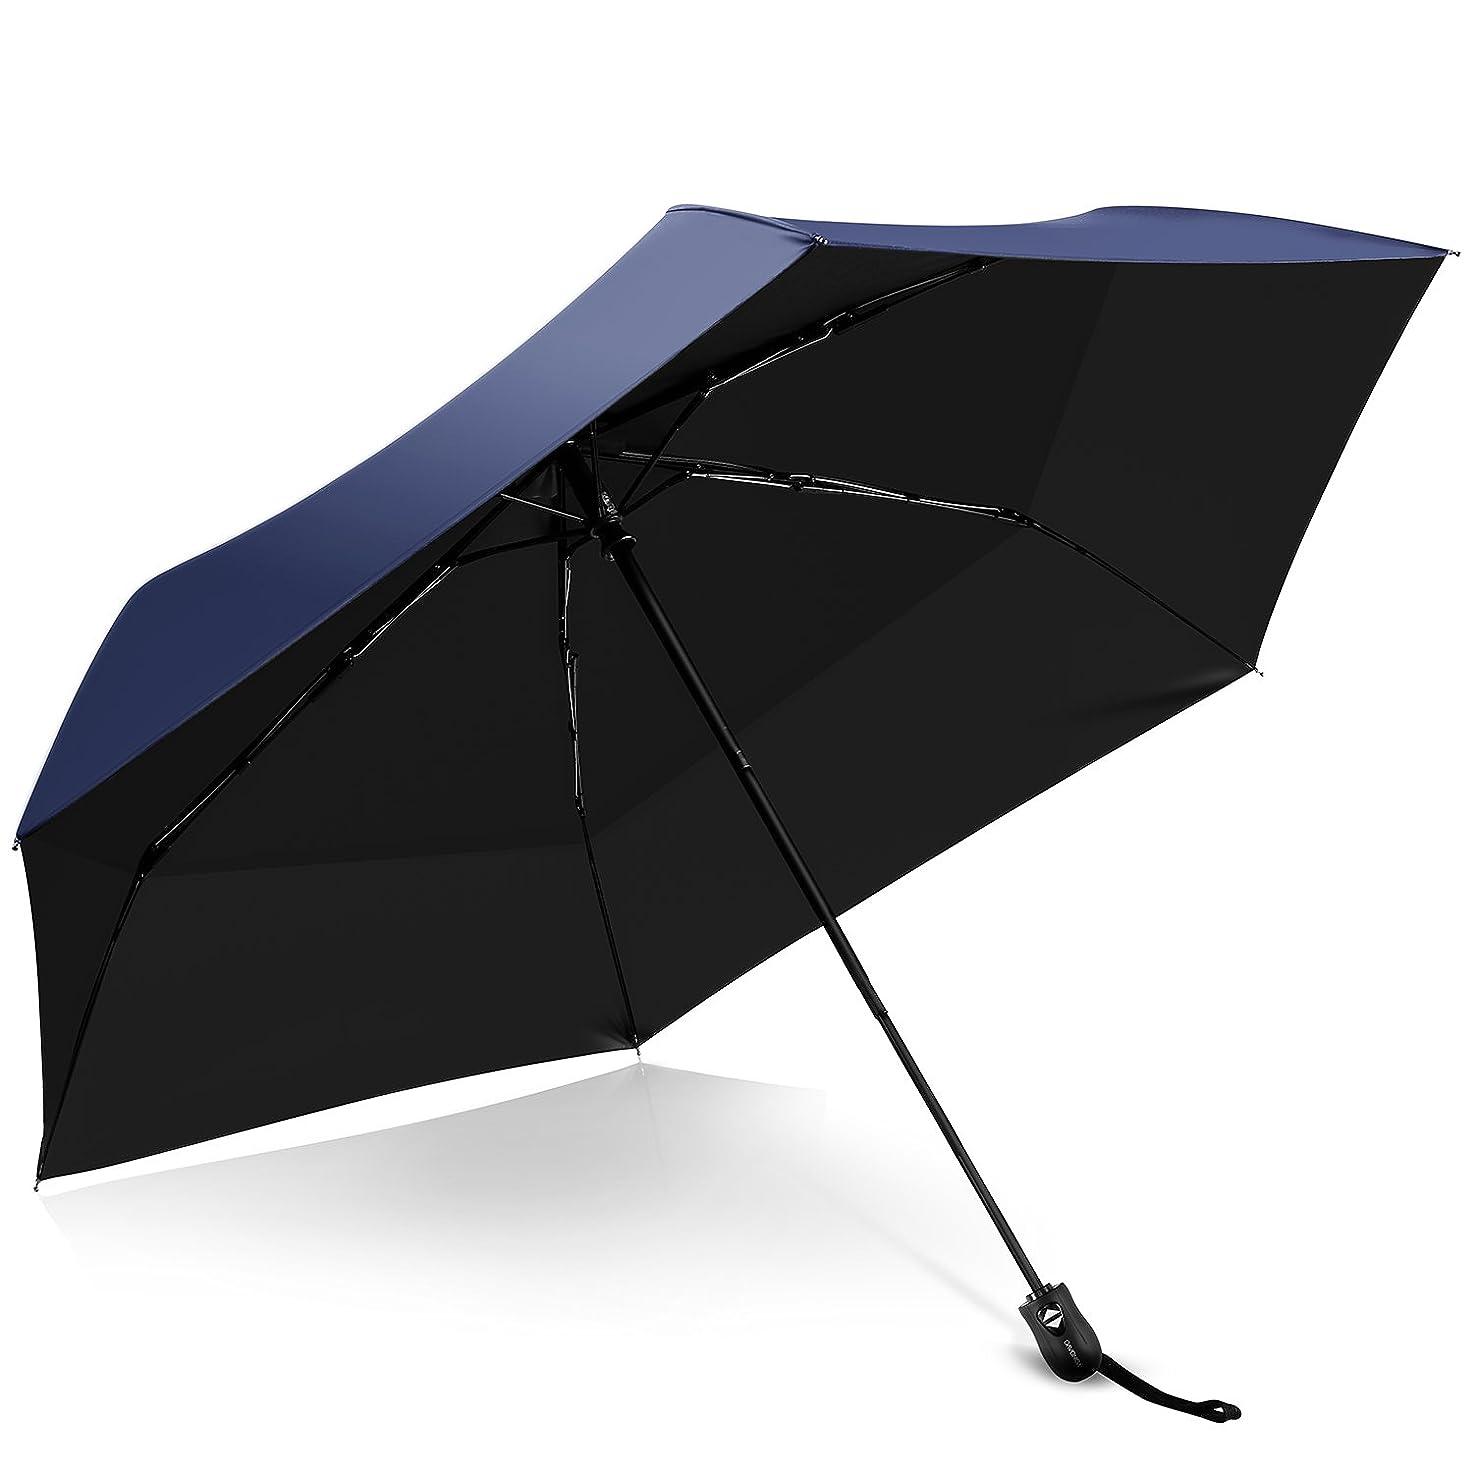 移行生理ゲーム折りたたみ傘 超軽量264g ワンタッチ自動開閉 晴雨兼用 おしゃれ 6本骨 95cm 210T高強度グラスファイバー 耐風撥水 UVカット率100%以上 持ち運び簡単 コンパクト 通勤 通学 旅行 おりたたみ傘 収納ポーチ付き(ネイビー)